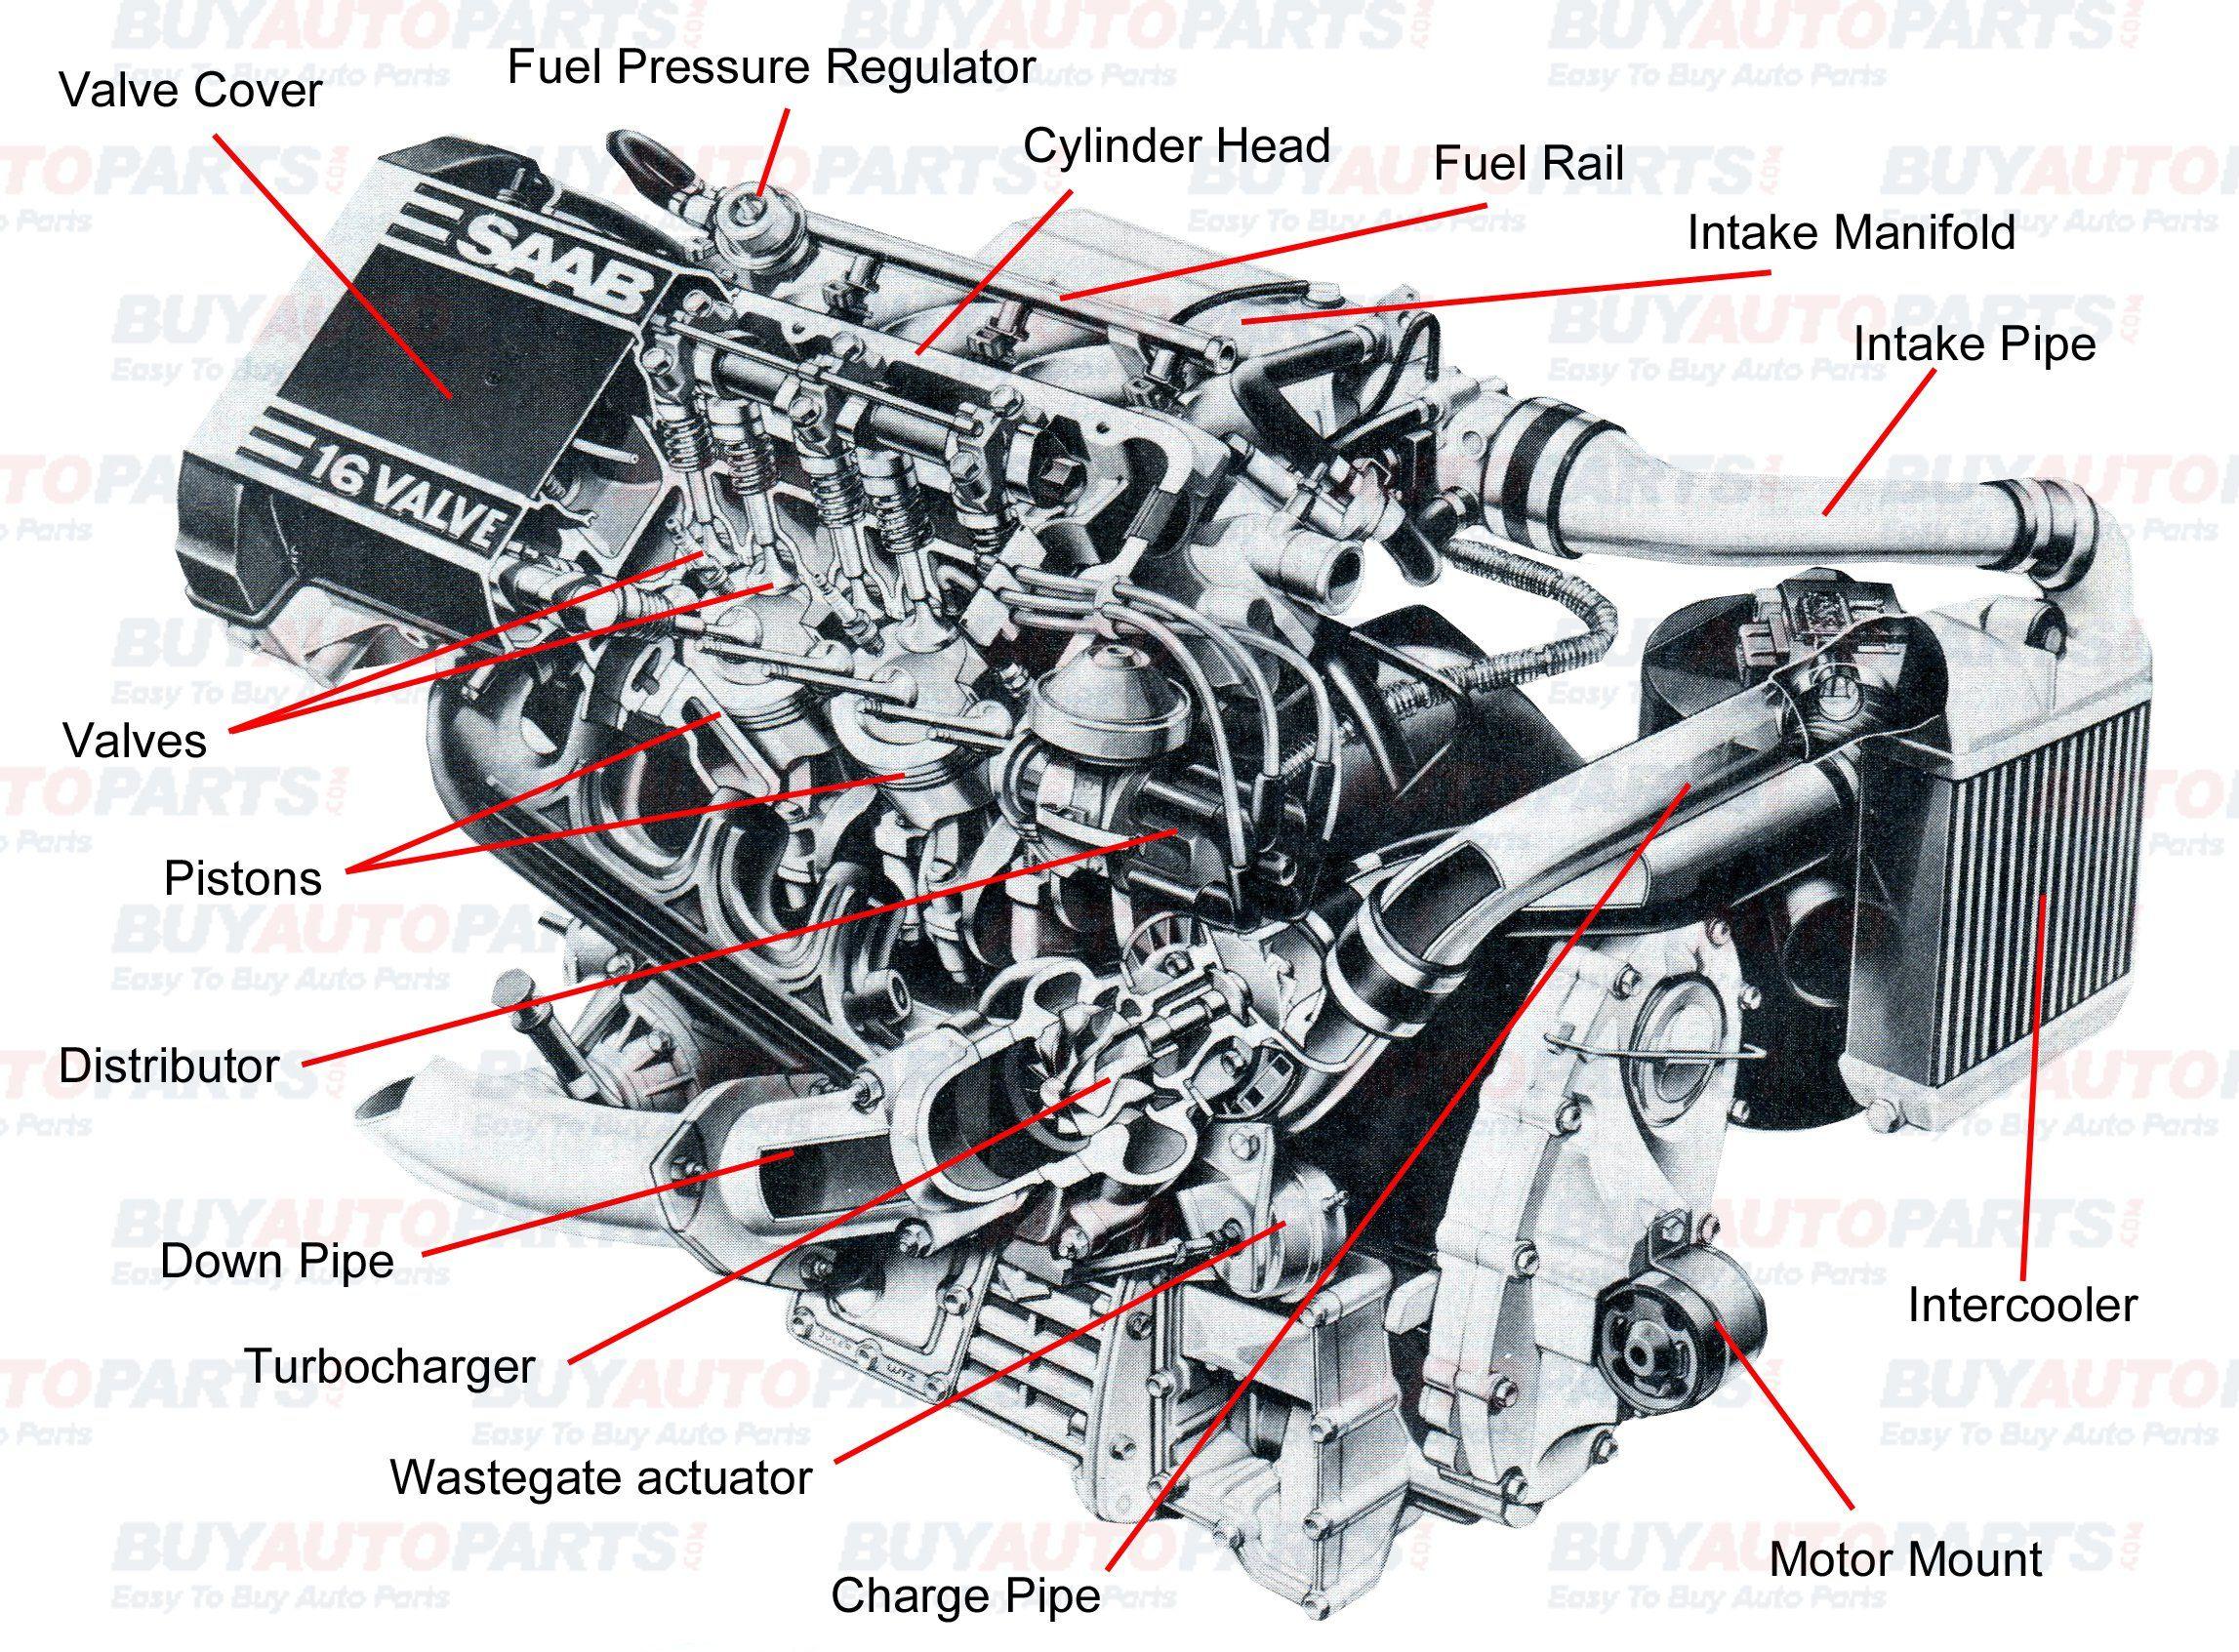 Auto Engine Schematics Change Your Idea With Wiring Diagram Design F150 Fog Light Schema Online Rh 14 2 Travelmate Nz De Vw 2008 Lights